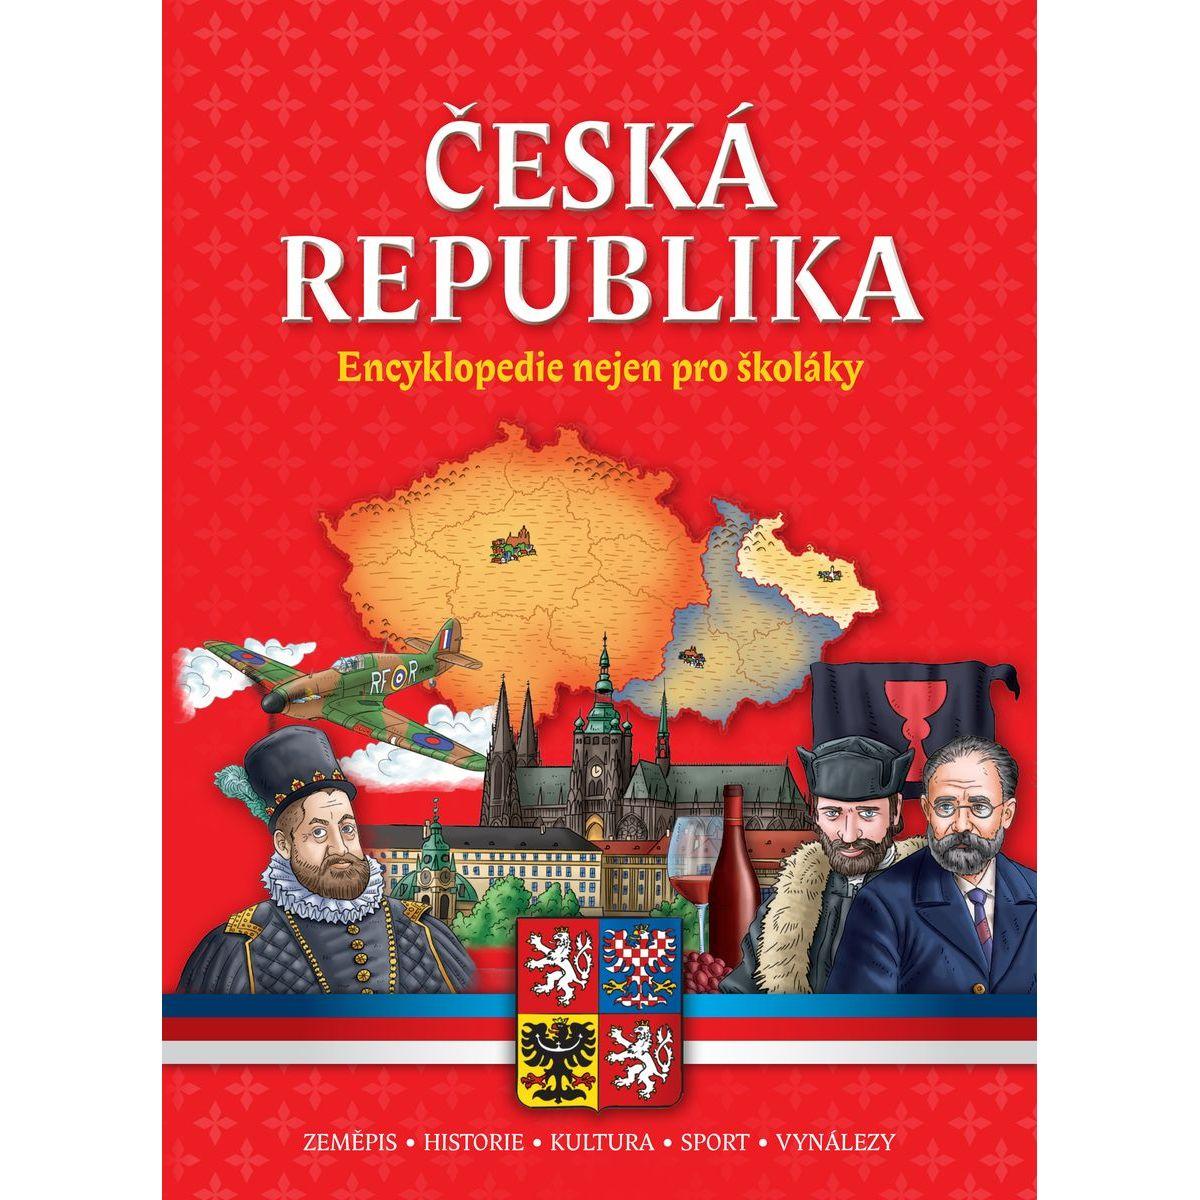 Sun Česká republika Encyklopedie nejen pro školáky